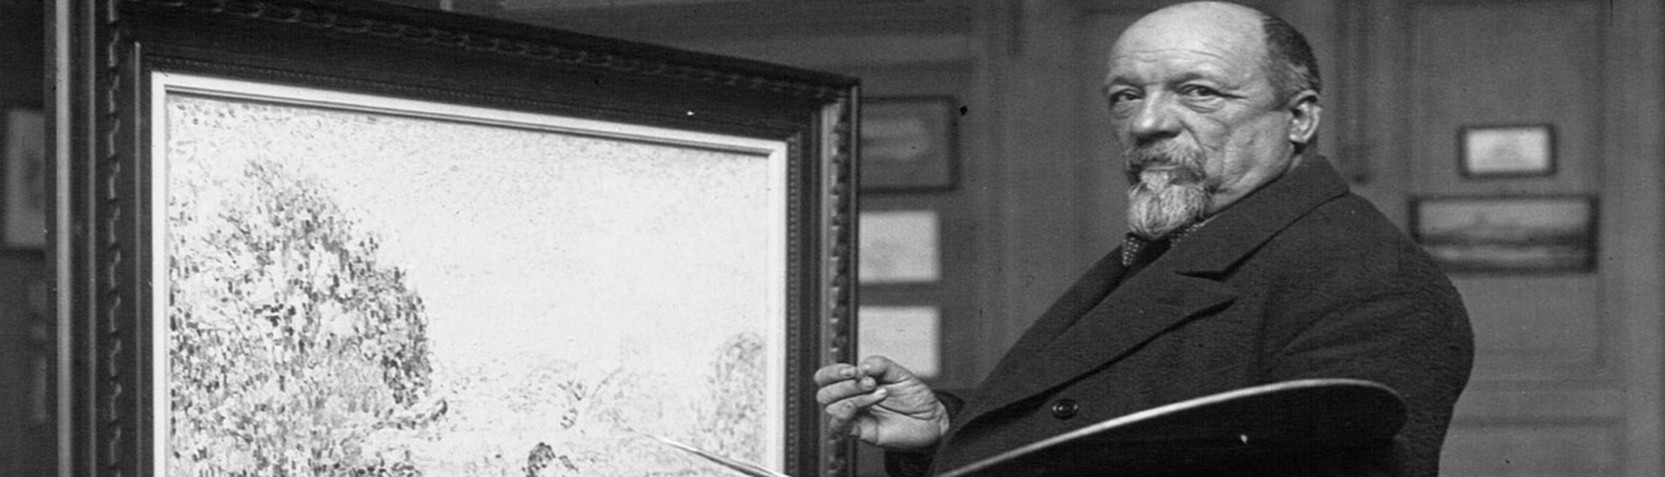 Artistes - Paul Signac